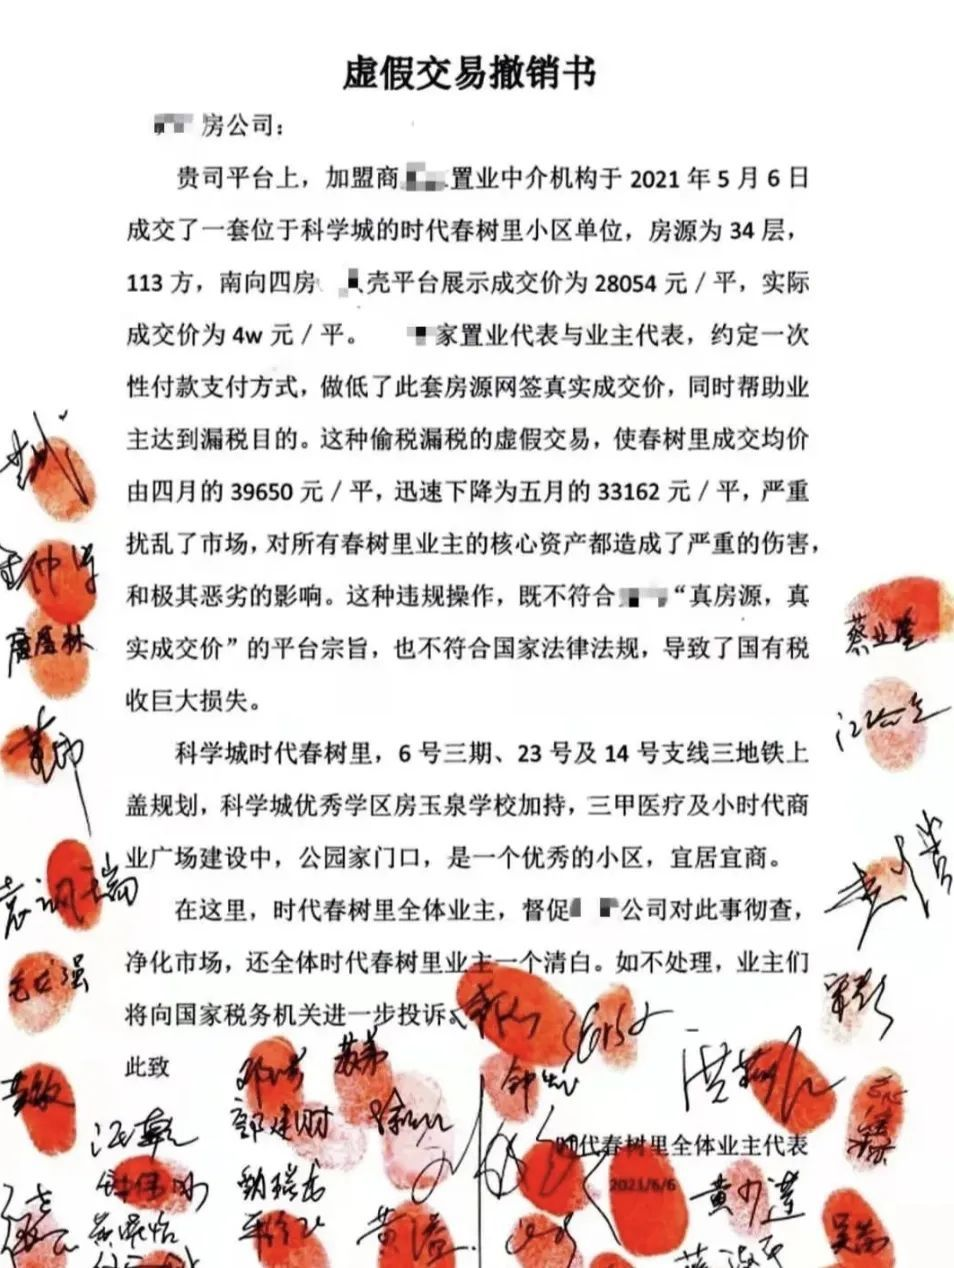 广州一楼盘业主护盘 联名控诉中介做低成交价